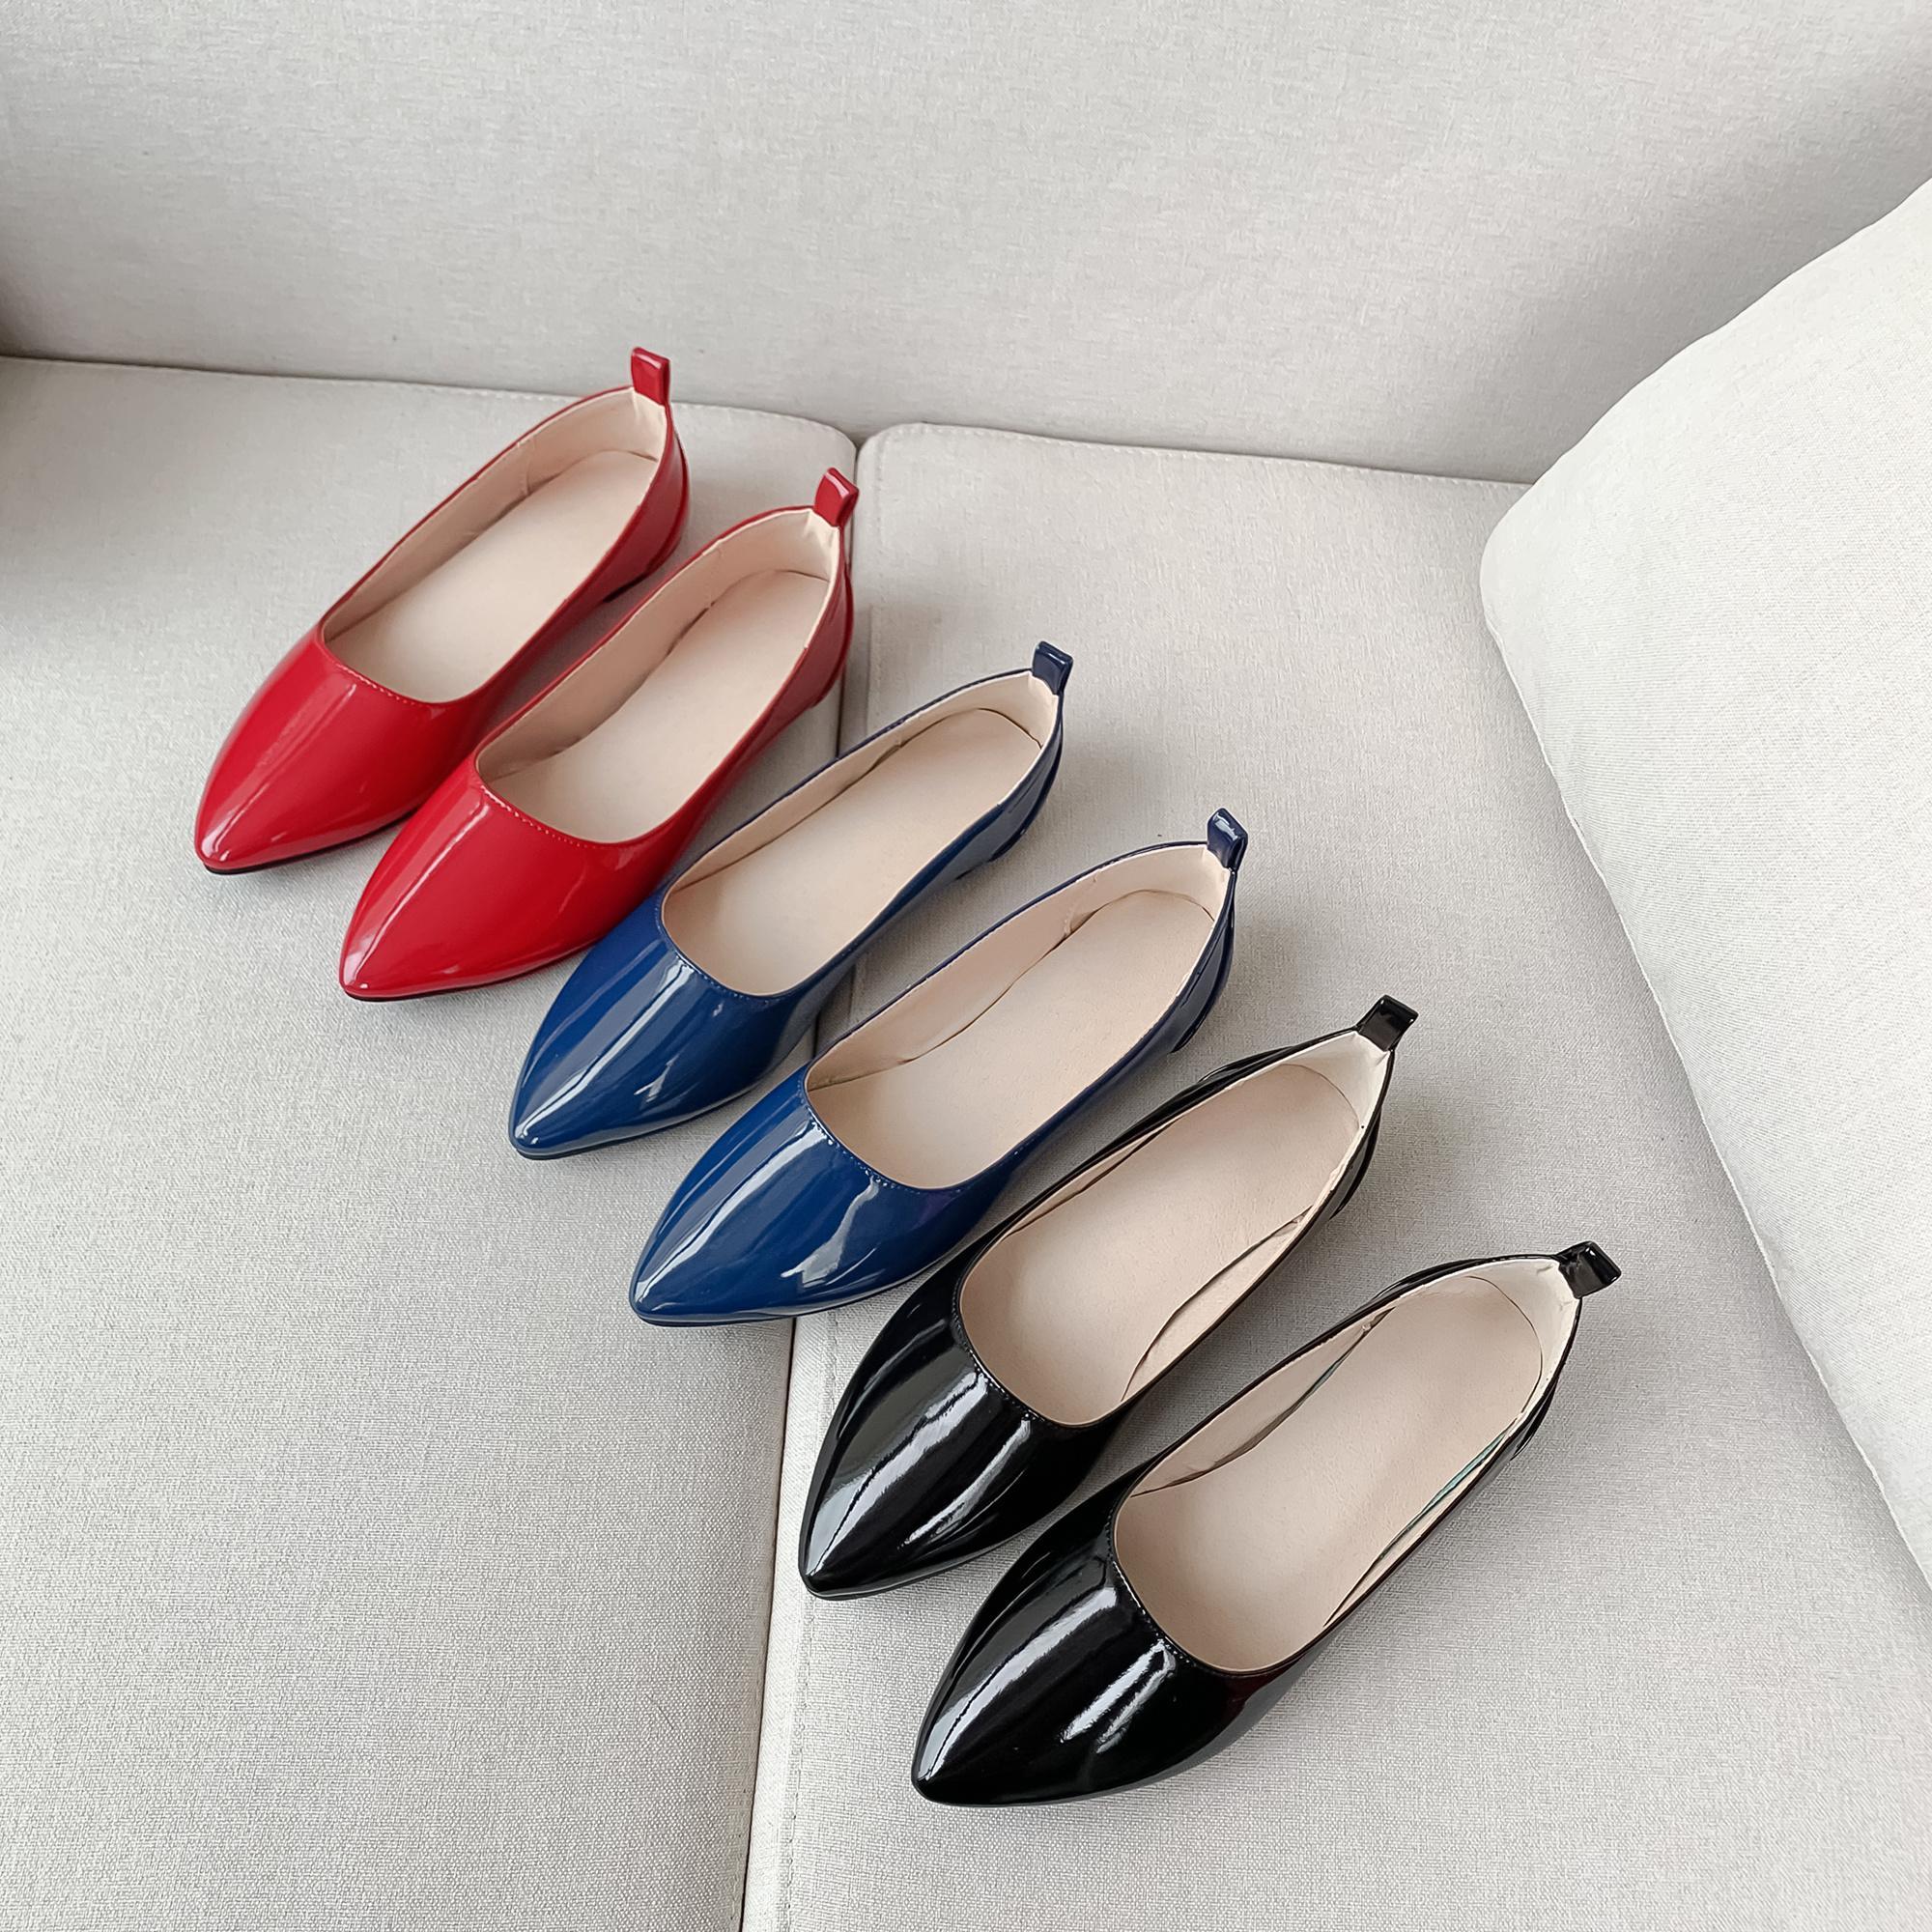 Chaussures femme chaîne en métal pour dames cheville plates Mocassins Slip On en cuir verni Roman Chaussures Casual Chaussures Femme Flat Taille Plus 34-48